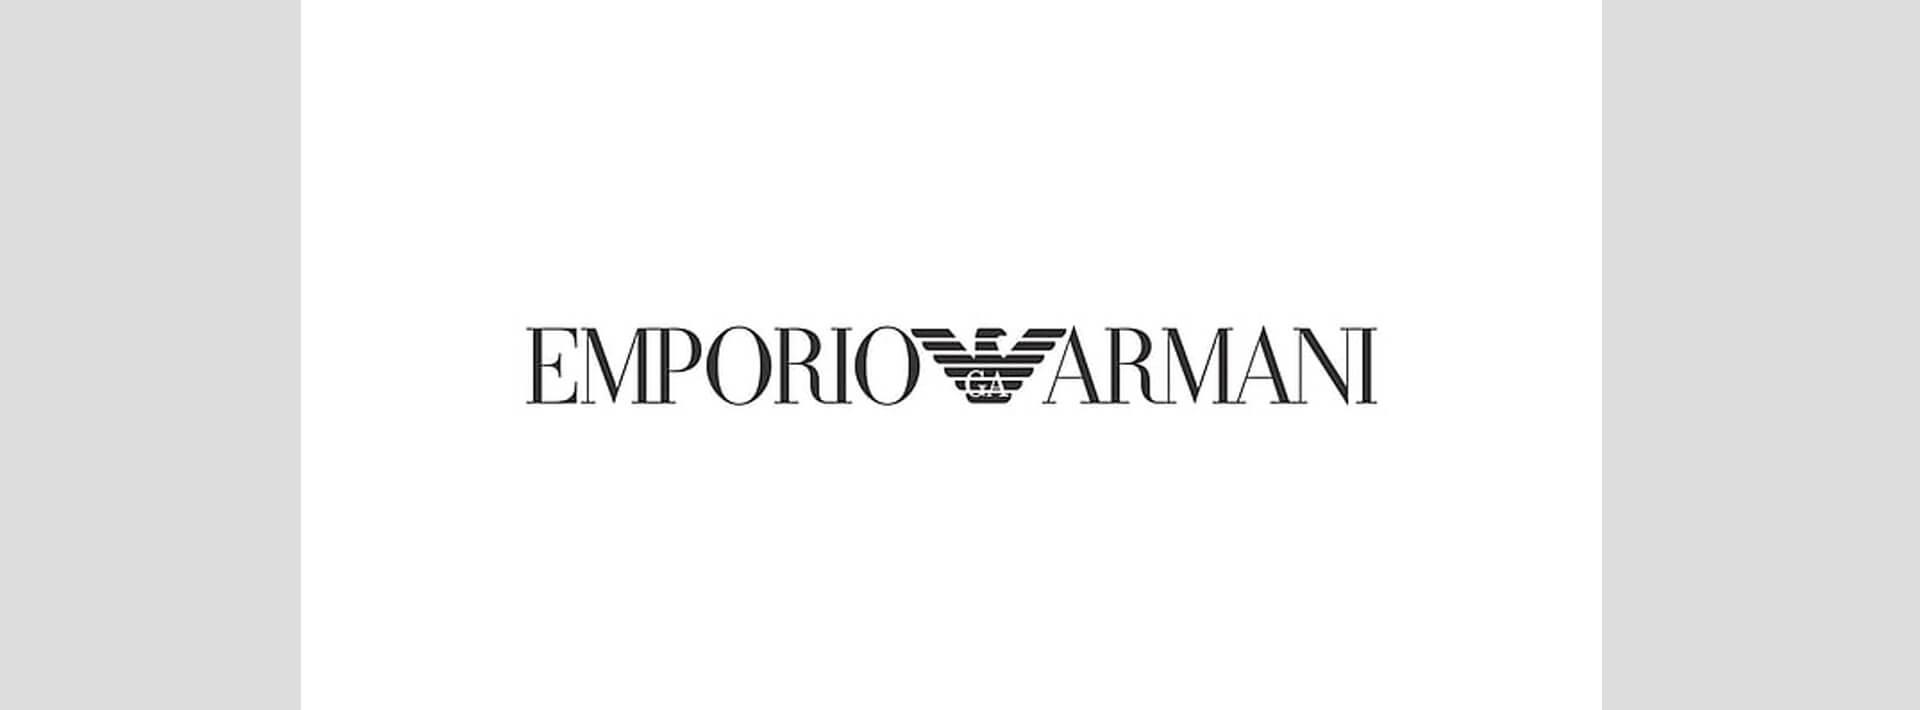 Emporio Armani Uomo Bellipario Gioielleria Palo del Colle, Gioiellerie Bari e Provincia; Modugno, Toritto, Bitetto, Bitonto, Binetto, Grumo Appula